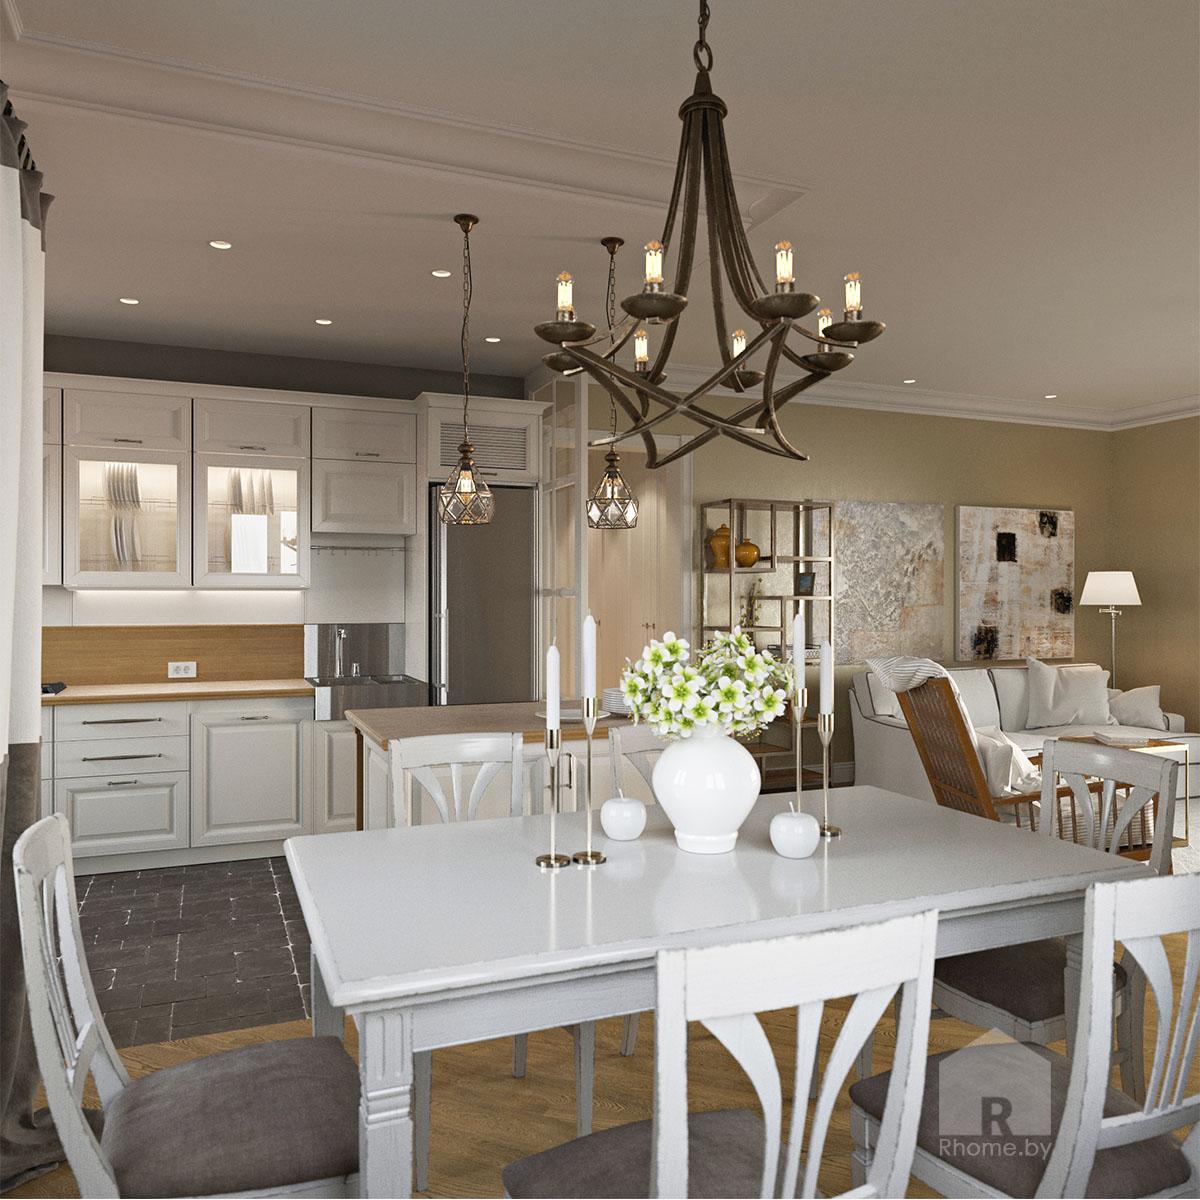 Дизайн интерьера кухни в доме в Зацени | Дизайн студия – Rhome.by